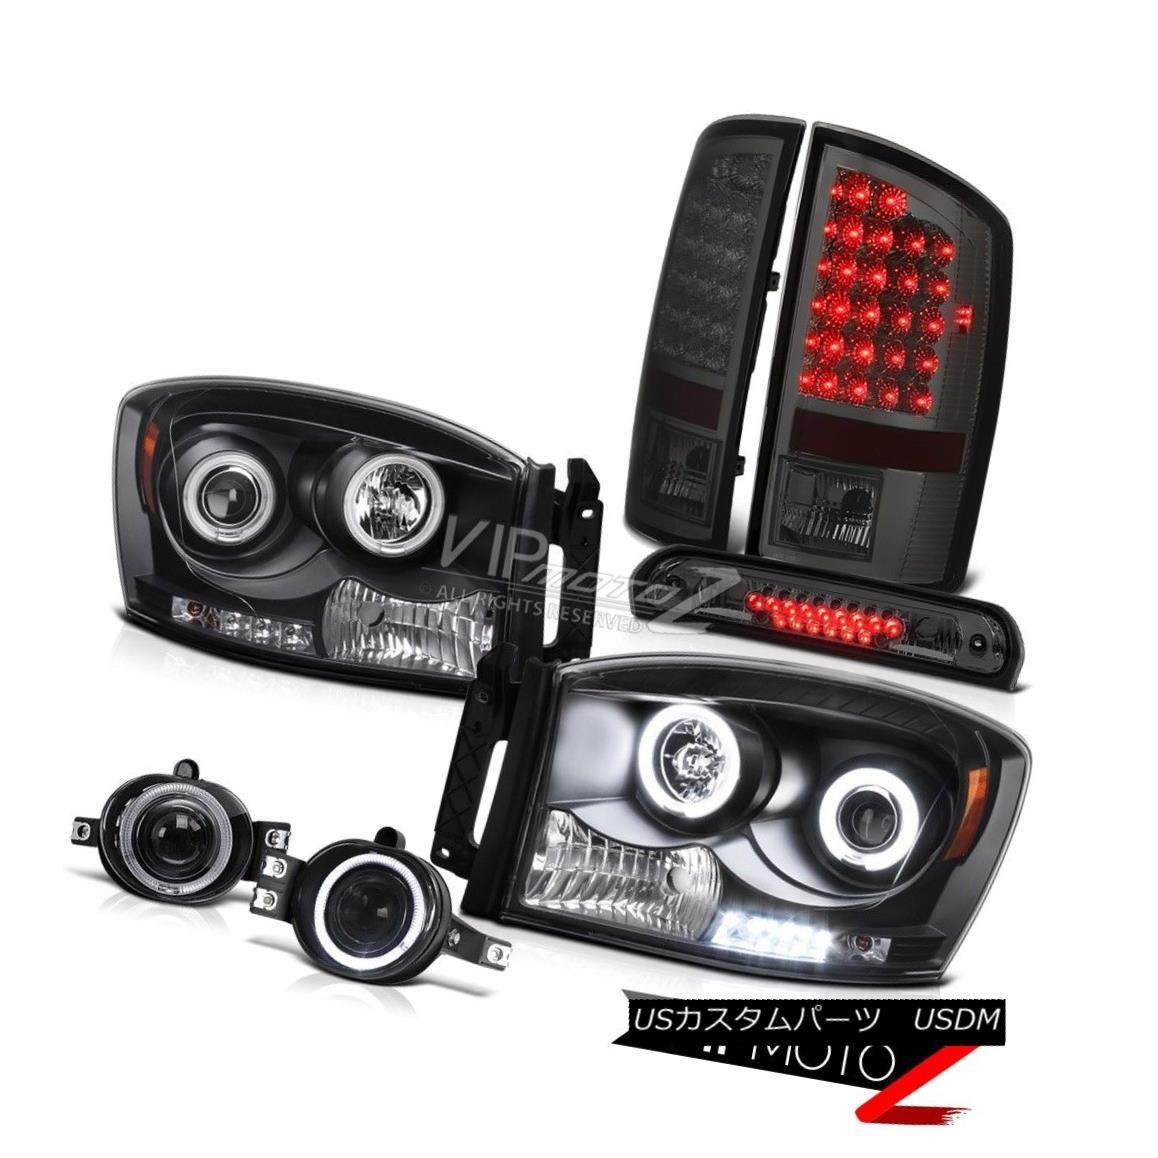 ヘッドライト Halo CCFL Headlamps Dark LED Brake Tail Lights Glass Fog Third 2006 Dodge Ram ST Halo CCFLヘッドランプダークLEDブレーキテールライトGlass Fog第3回2006 Dodge Ram ST